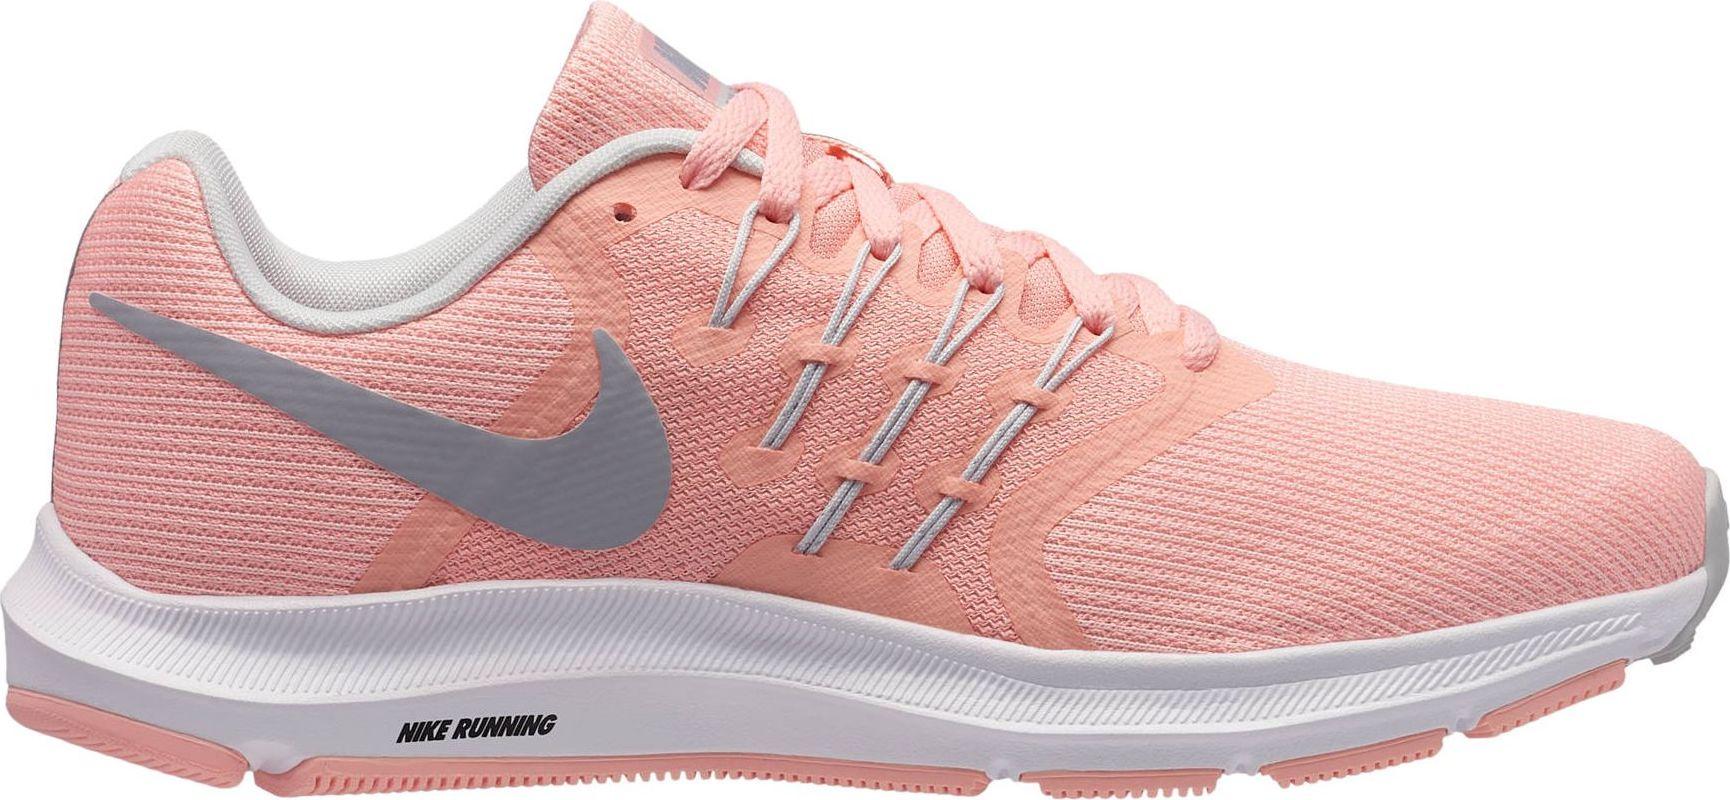 Кроссовки для бега женские Nike Run Swift Running Shoe, цвет: розовый. 909006-601. Размер 6 (35,5)909006-601Женские беговые кроссовки Nike, выполненные из текстиля и пластика, дополнены фирменной нашивкой на язычке. Интегрированные нити Flywire надежно фиксируют среднюю часть стопы, а пеноматериал создает амортизацию.Конструкция из сетки обеспечивает зональную вентиляцию и поддержку. Шнурки с интегрированными нитями для регулируемой поддержки. Подошва с вафельным рисунком повышает амортизацию и упругость. Широкая передняя часть стопы не стесняет движений пальцев. Пеноматериал Cushlon обеспечивает мягкую, но упругую амортизацию и поддержку. Сетка с открытыми отверстиями в передней части стопы для легкости и воздухопроницаемости. Сетка с плотным плетением на боковой части создает надежную поддержку, не жертвуя воздухопроницаемостью. Подошва с рифлением обеспечивает отличное сцепление на любой поверхности. Мягкие и удобные кроссовки превосходно подчеркнут ваш спортивный образ и подарят комфорт.